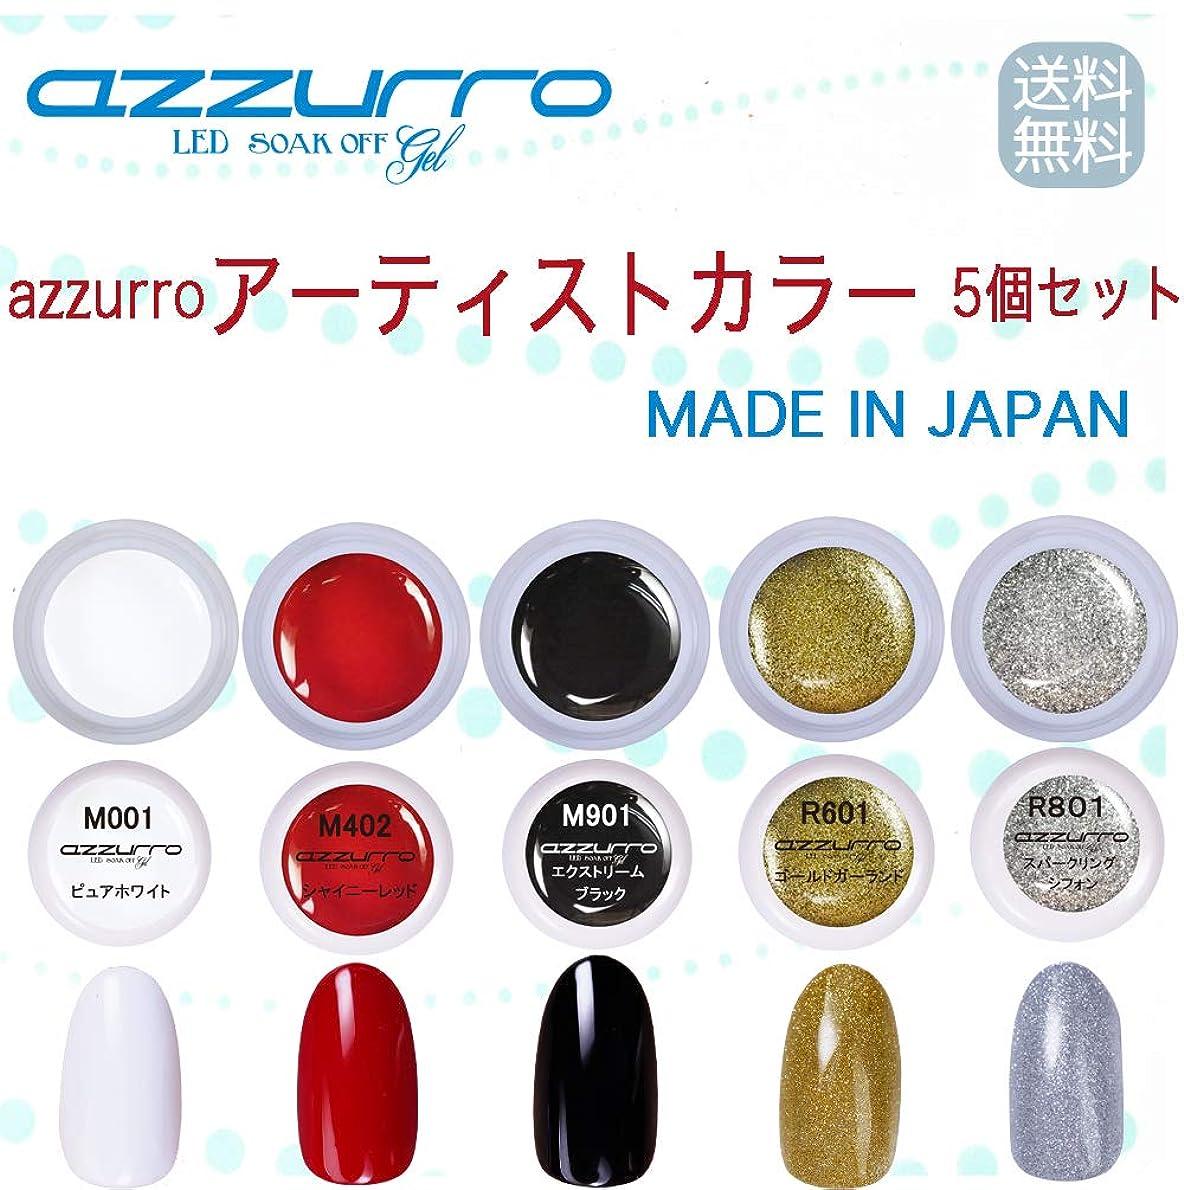 旅行頭痛キリン【送料無料】日本製 azzurro gel アーティストカラージェル5個セット トレンドのラインアートにもピッタリなカラー